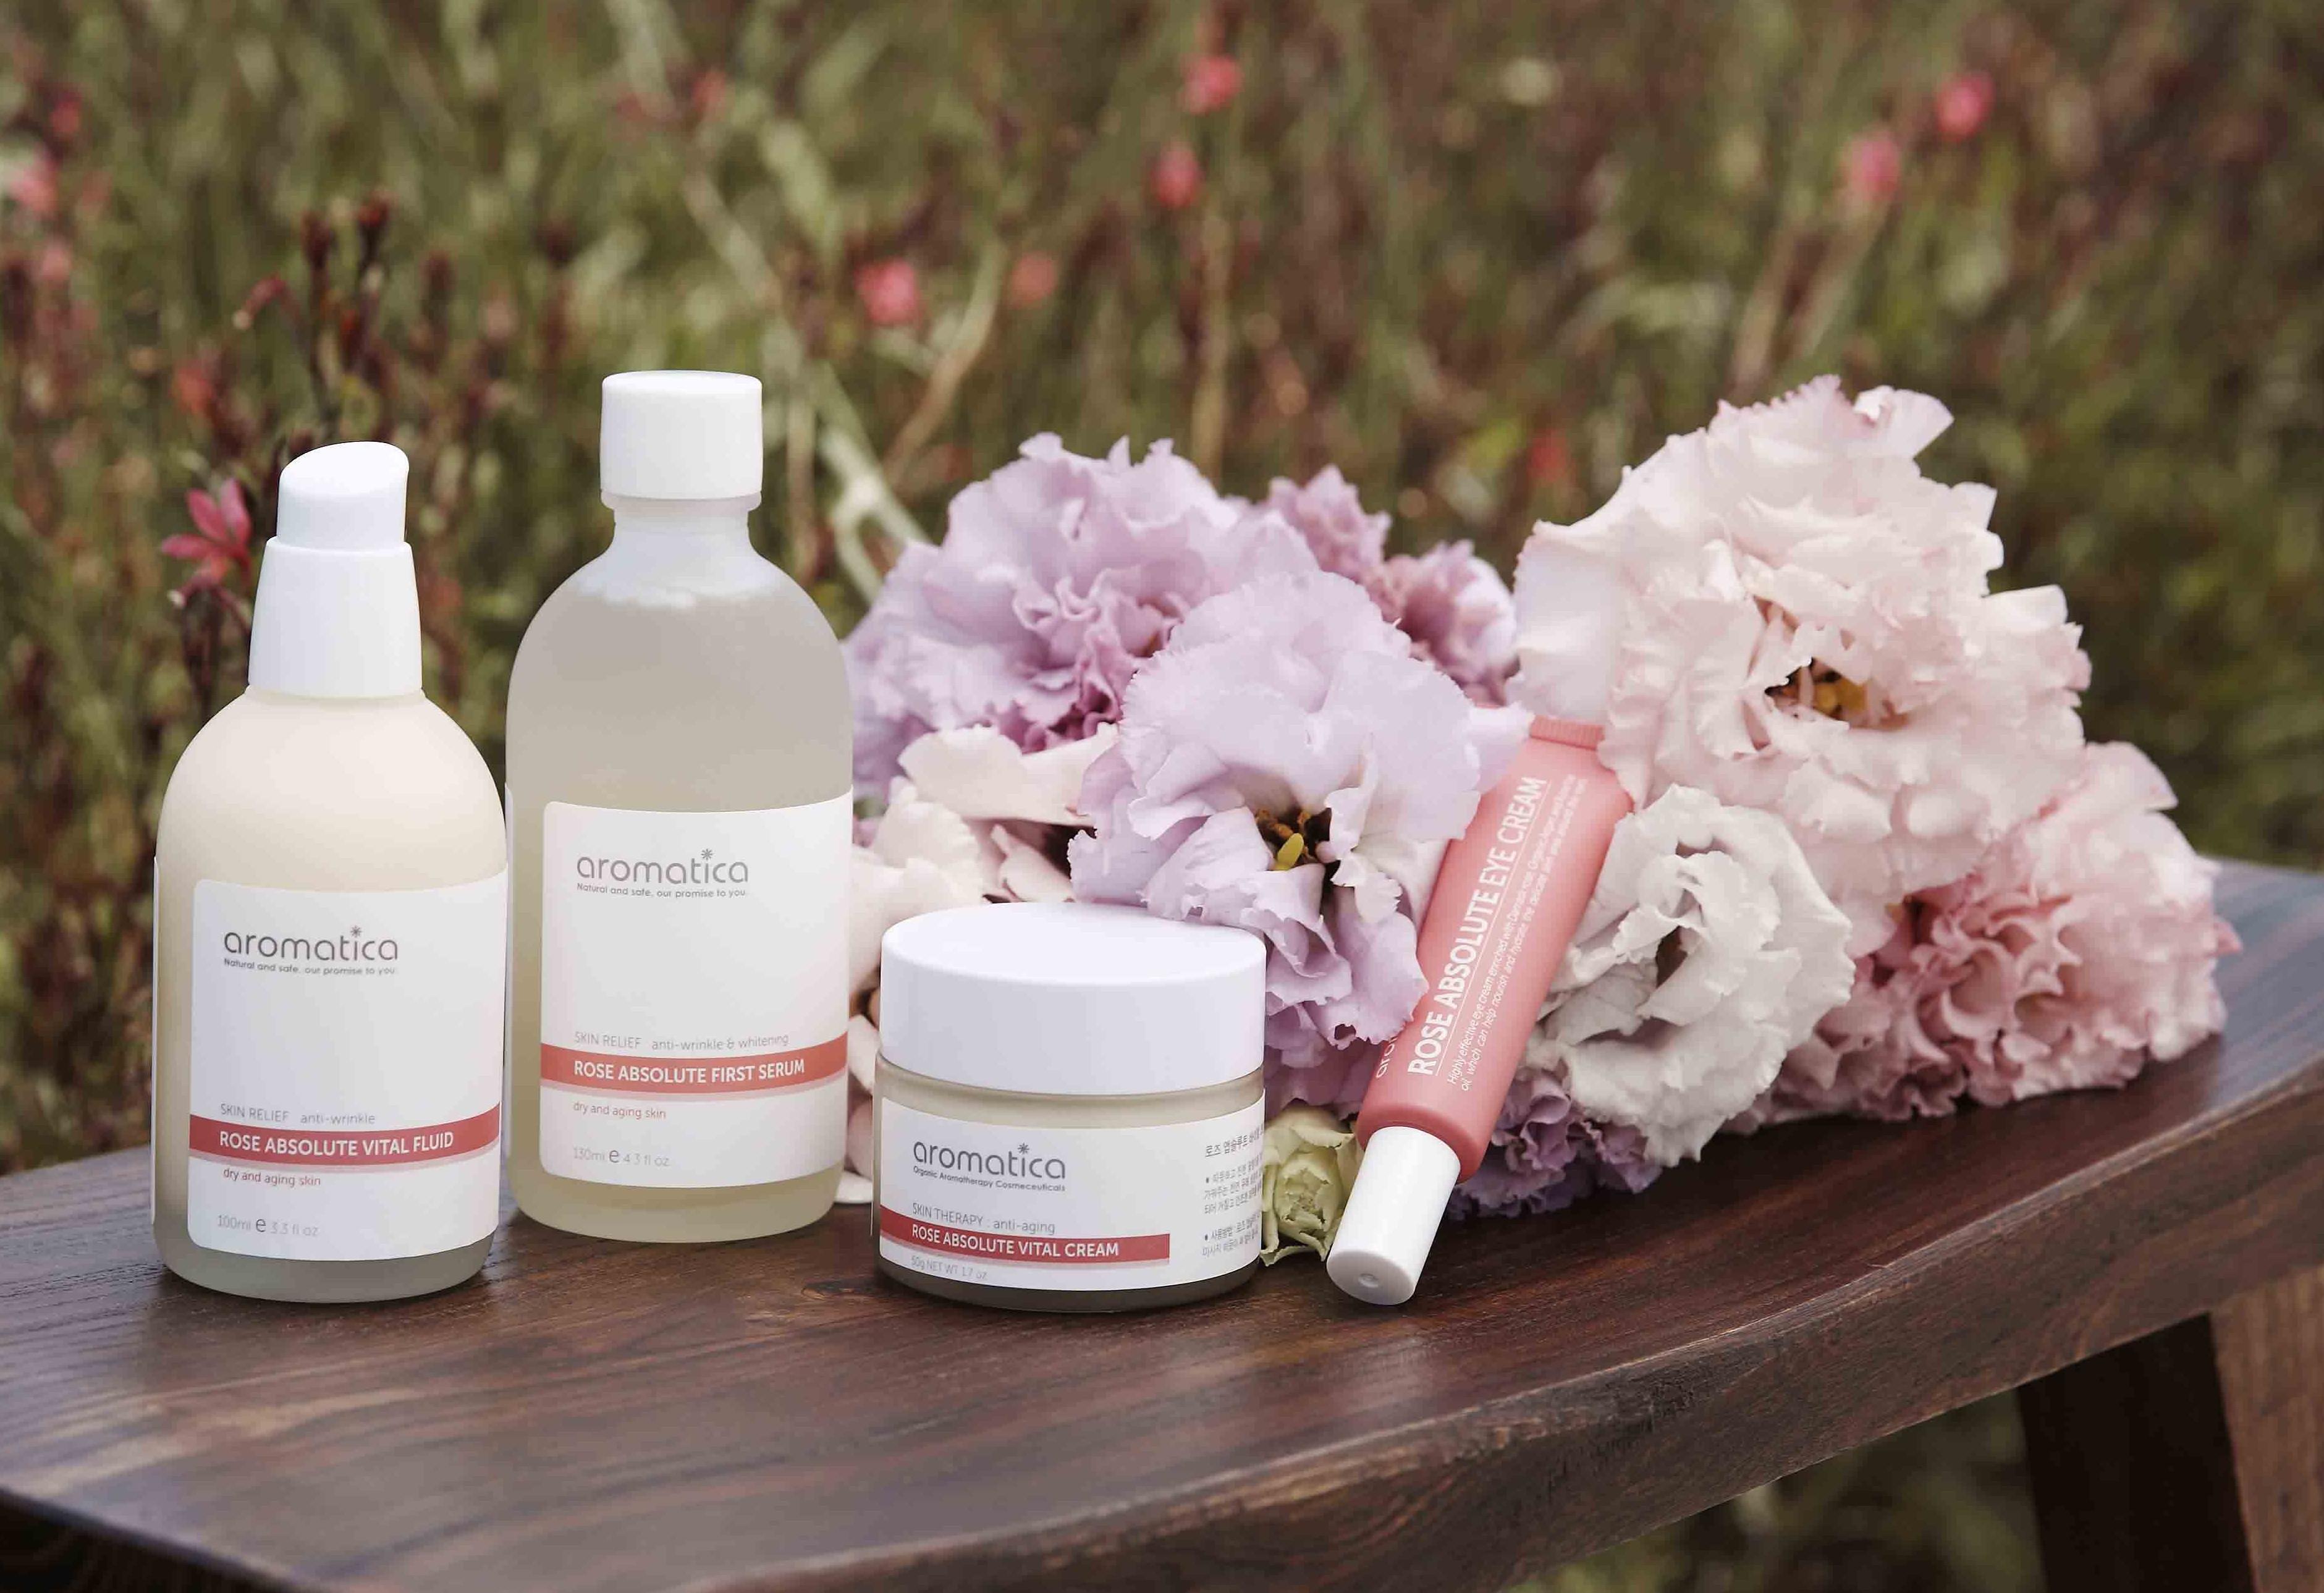 aromatica保加利亞玫瑰系列 今個春天為您的肌膚發起水潤美肌革命